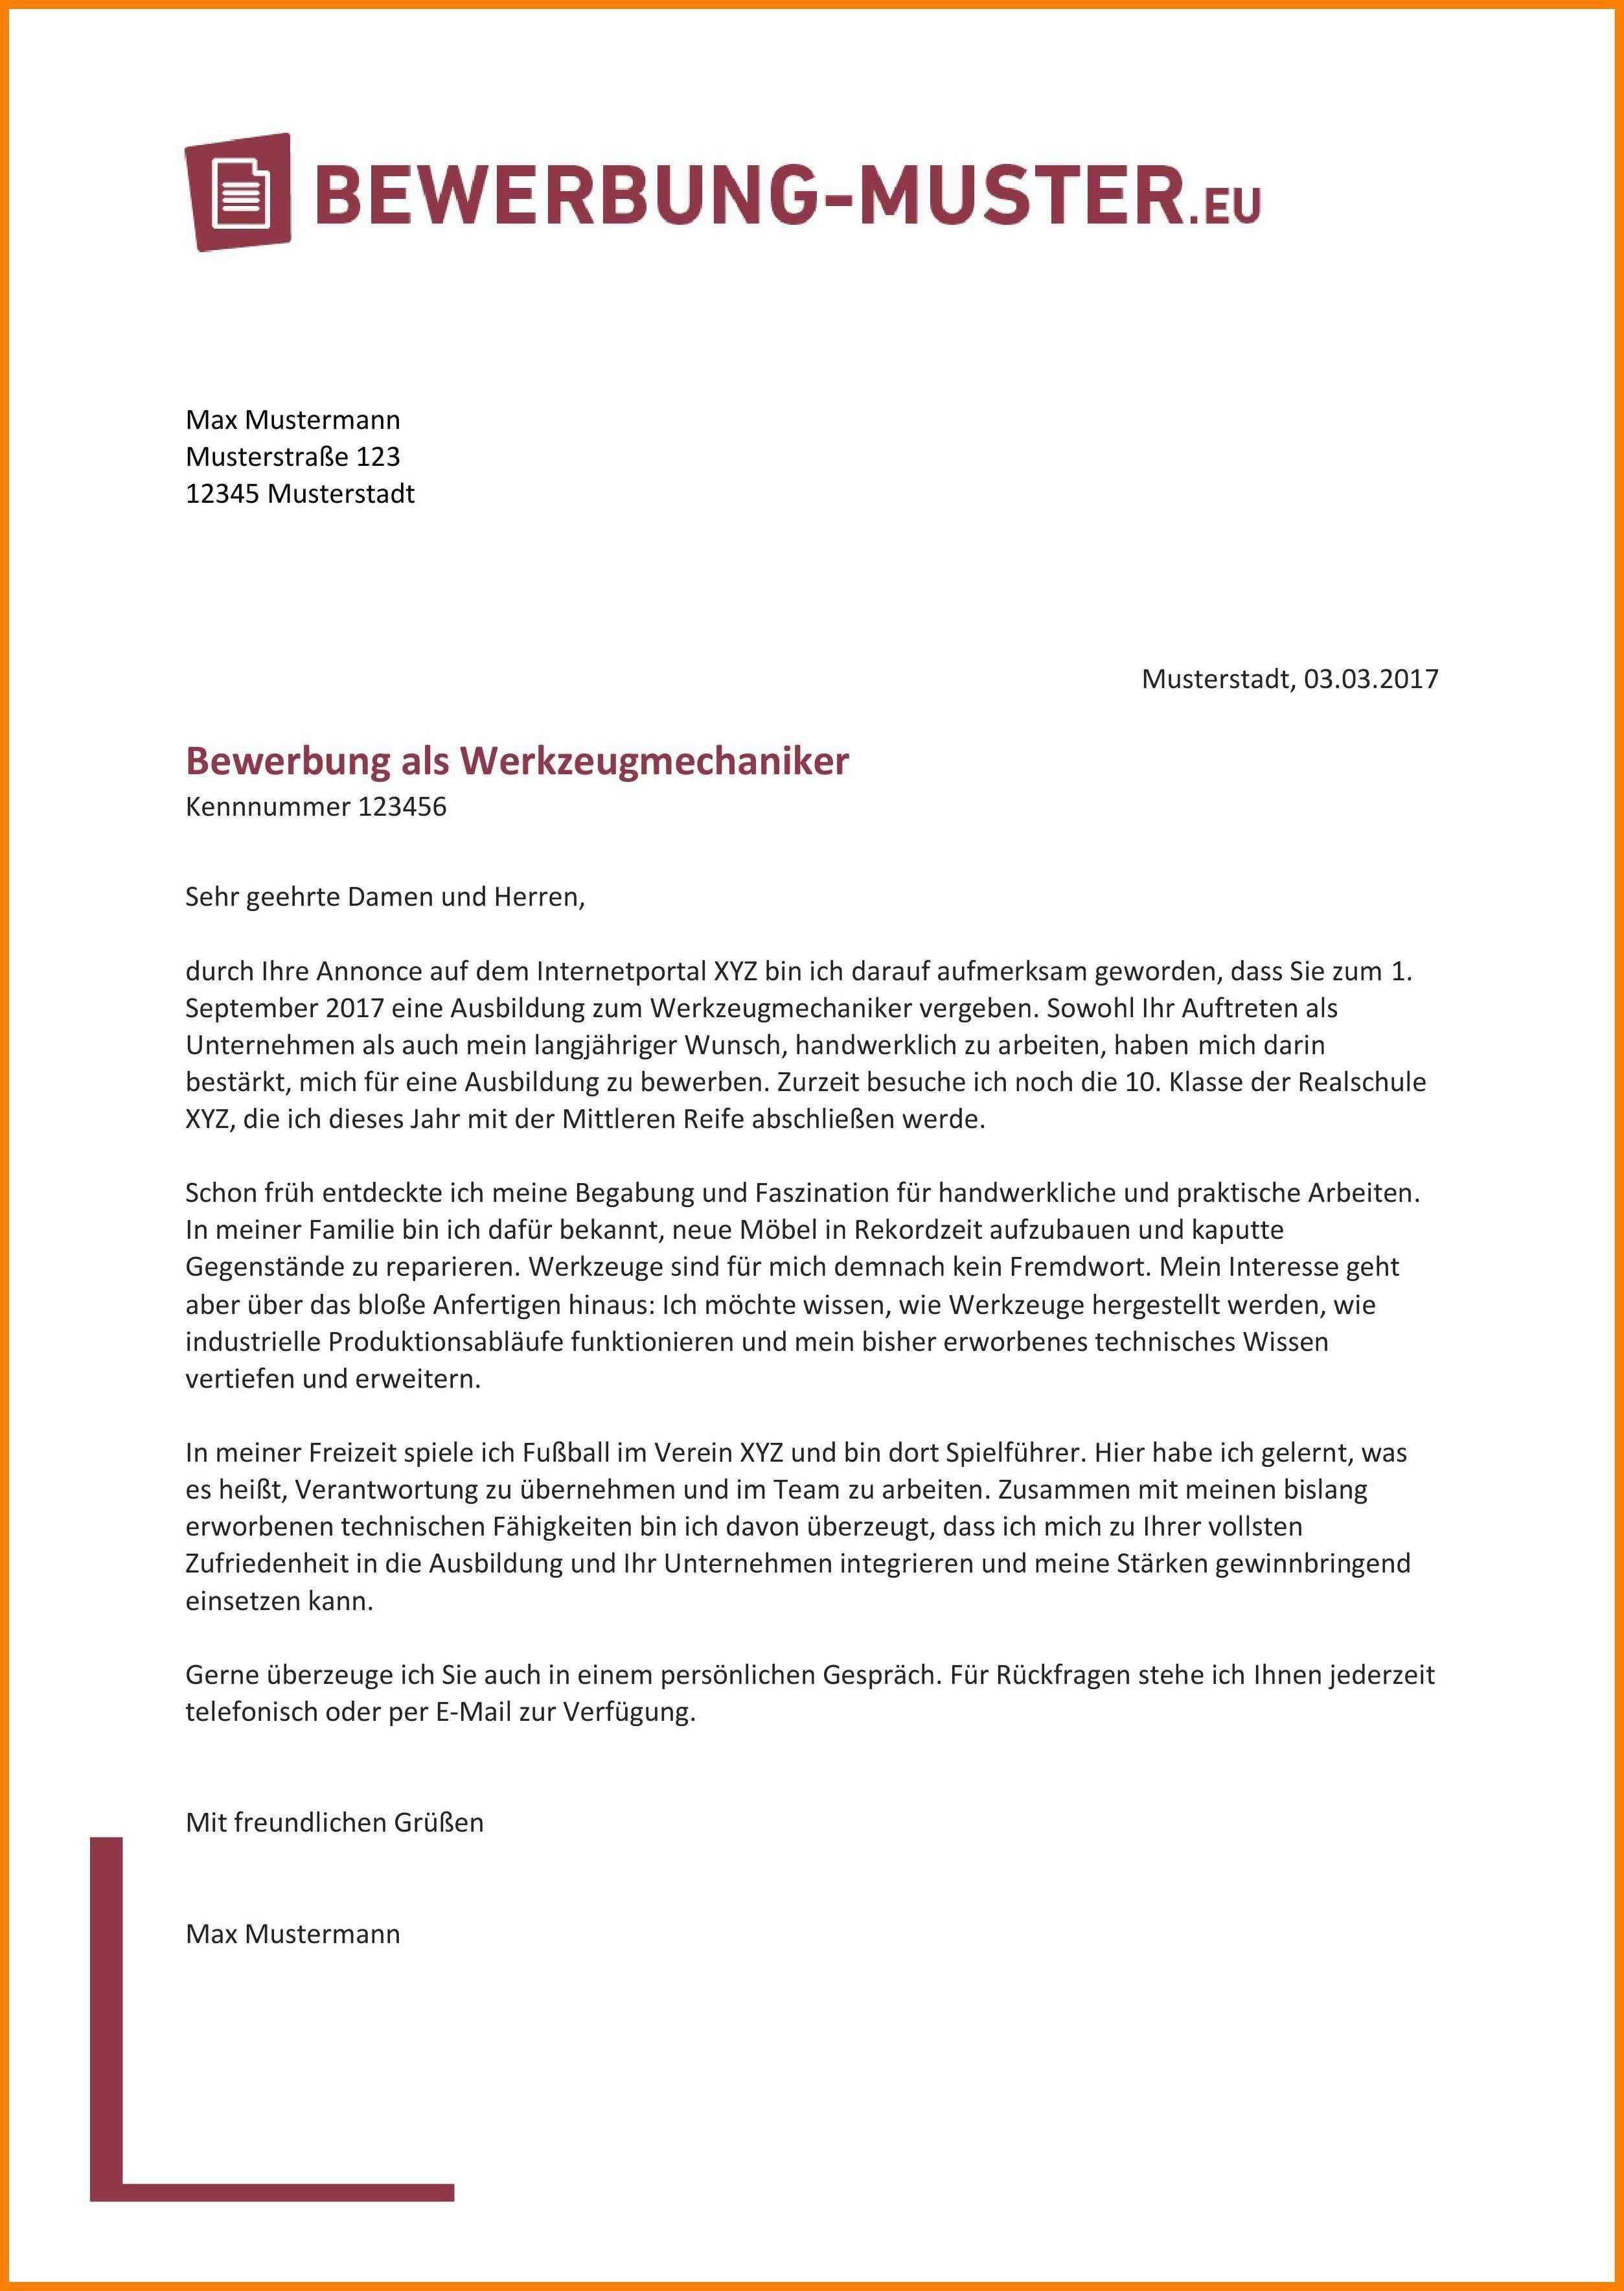 Einzigartig Bewerbung Nach Ausbildung Muster Briefprobe Briefformat Briefvorlage Bewerbung Schreiben Lebenslauf Vorlage Schuler Lebenslauf Muster